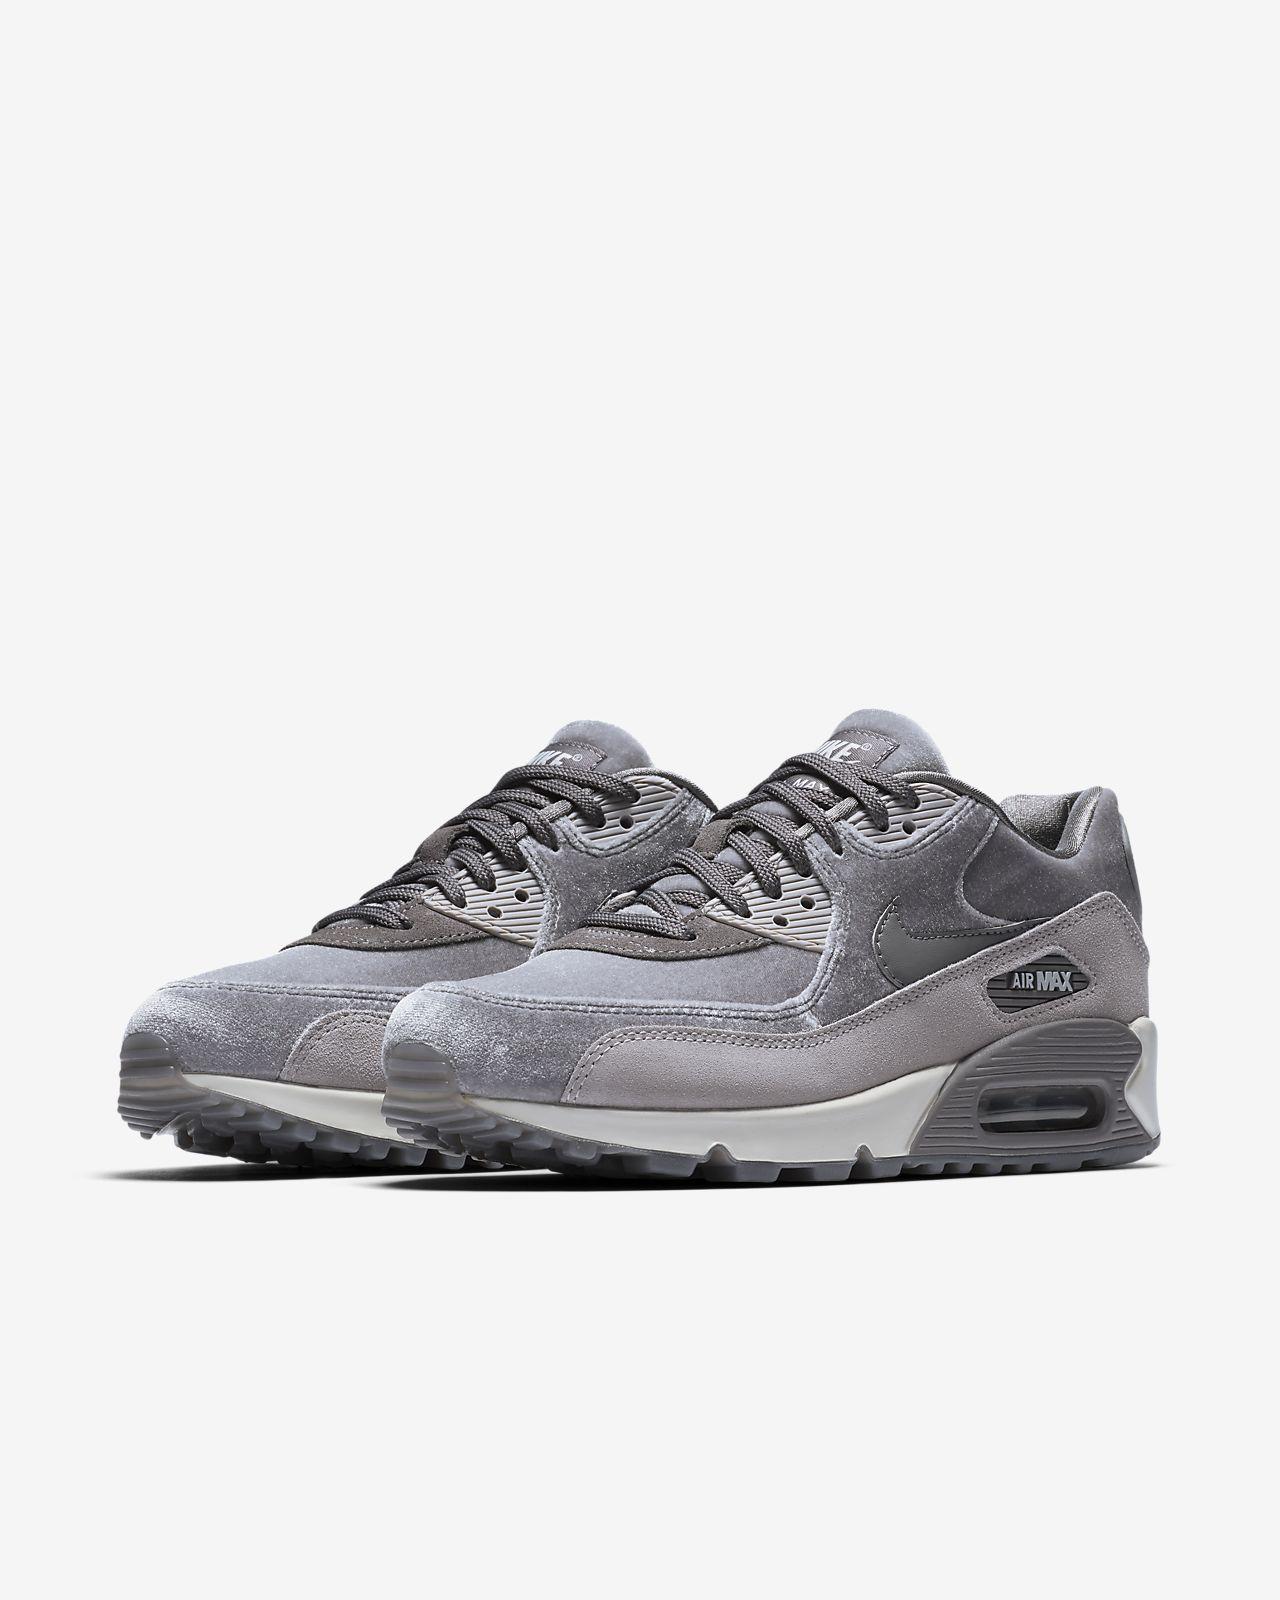 c37a96e7d5 air max 90 london feminino Nike ...